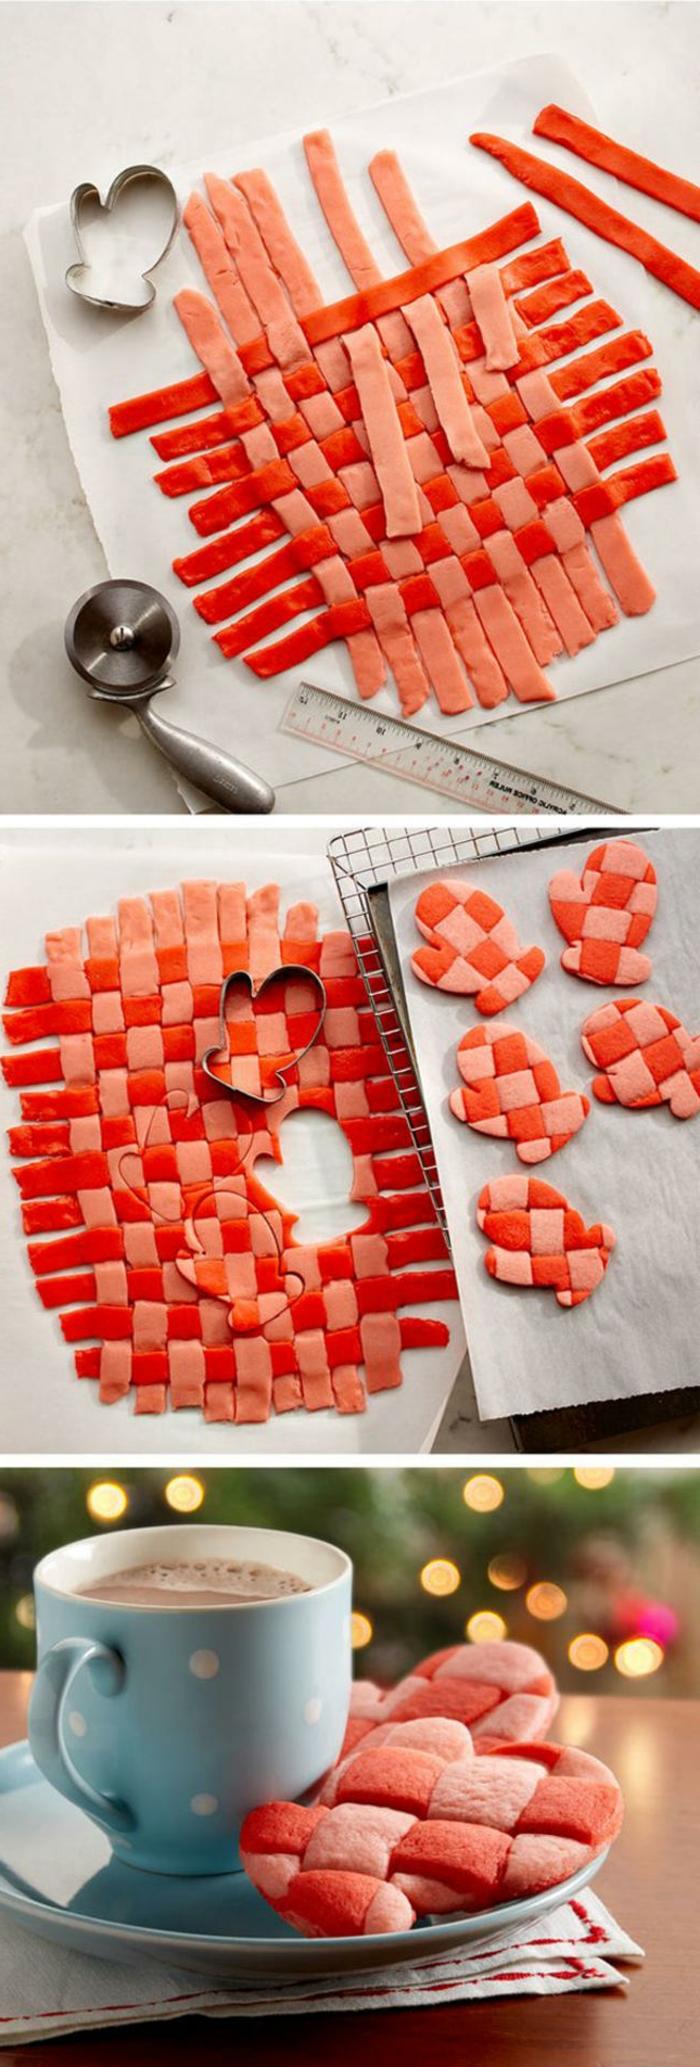 galletas de navidad, idea original y colorida. galletas con la forma de guantes en cuadrados